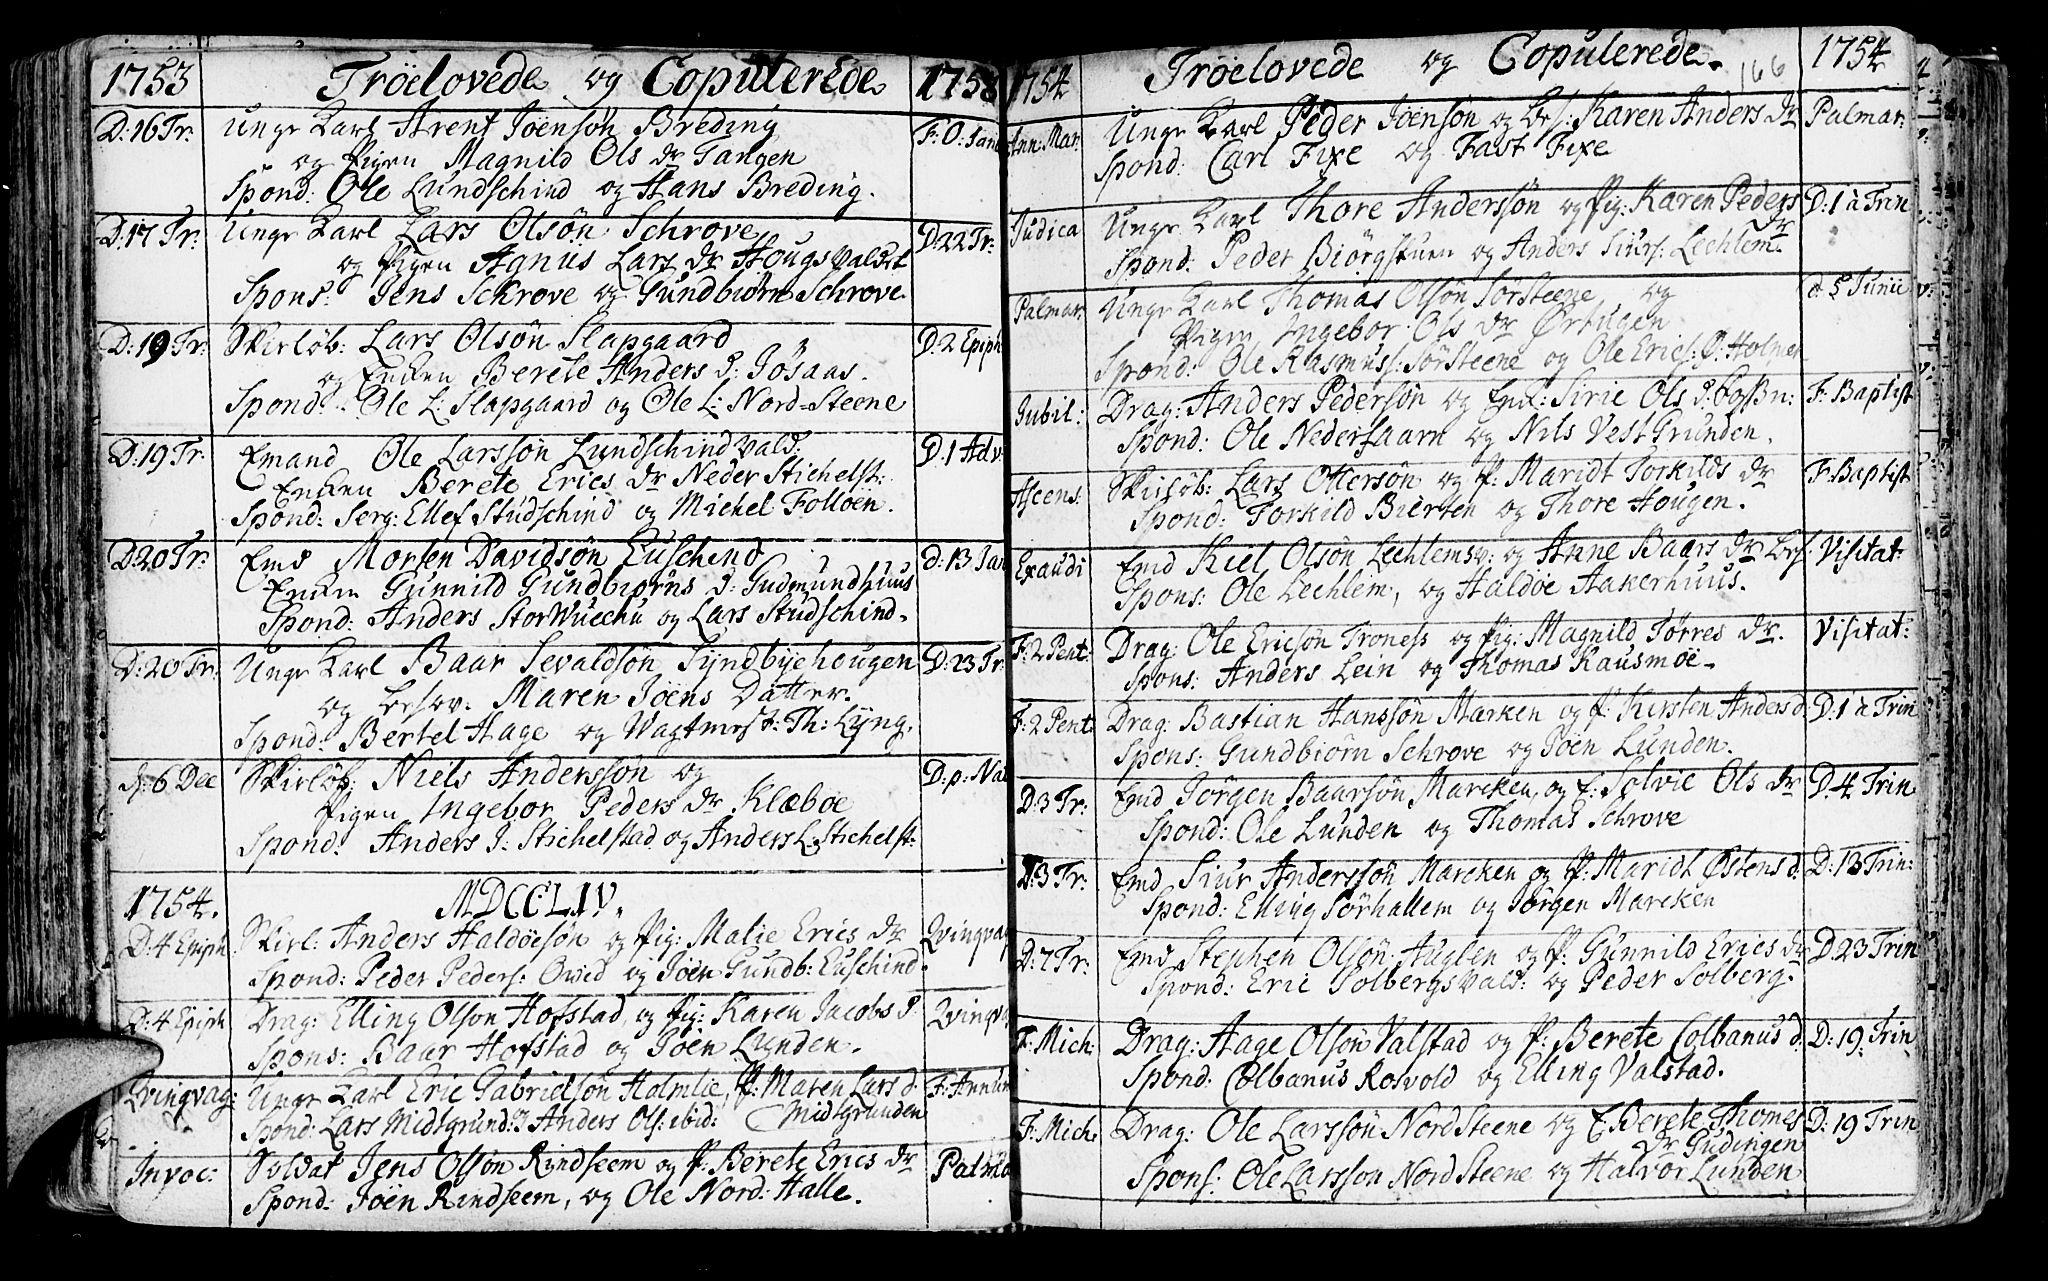 SAT, Ministerialprotokoller, klokkerbøker og fødselsregistre - Nord-Trøndelag, 723/L0231: Ministerialbok nr. 723A02, 1748-1780, s. 166